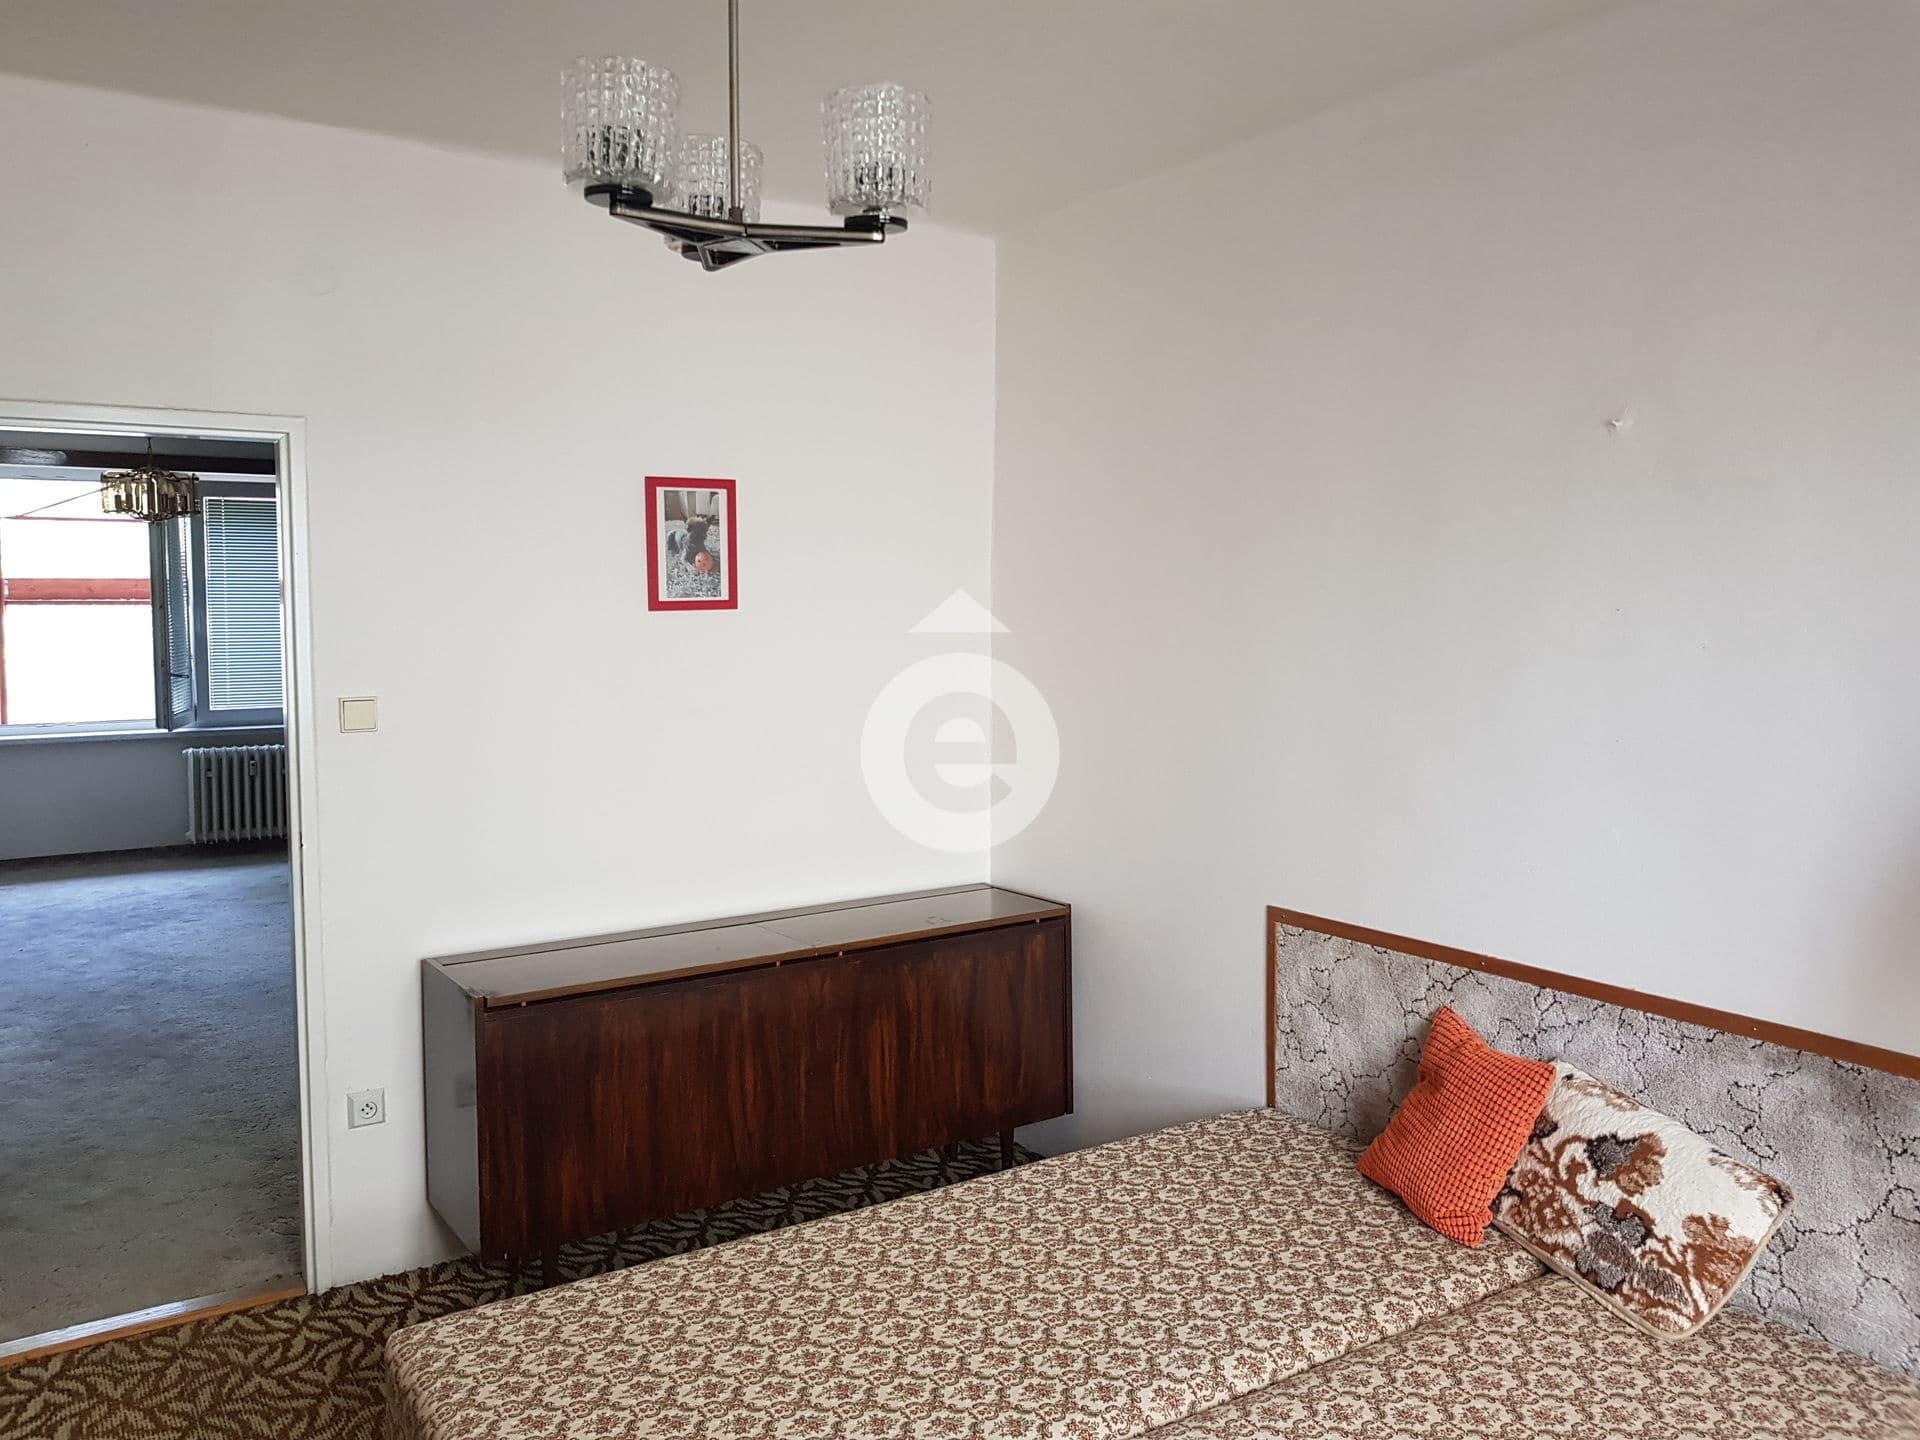 למכירה דירת 2+1 בגודל 48 מר בפראג 14 (7)